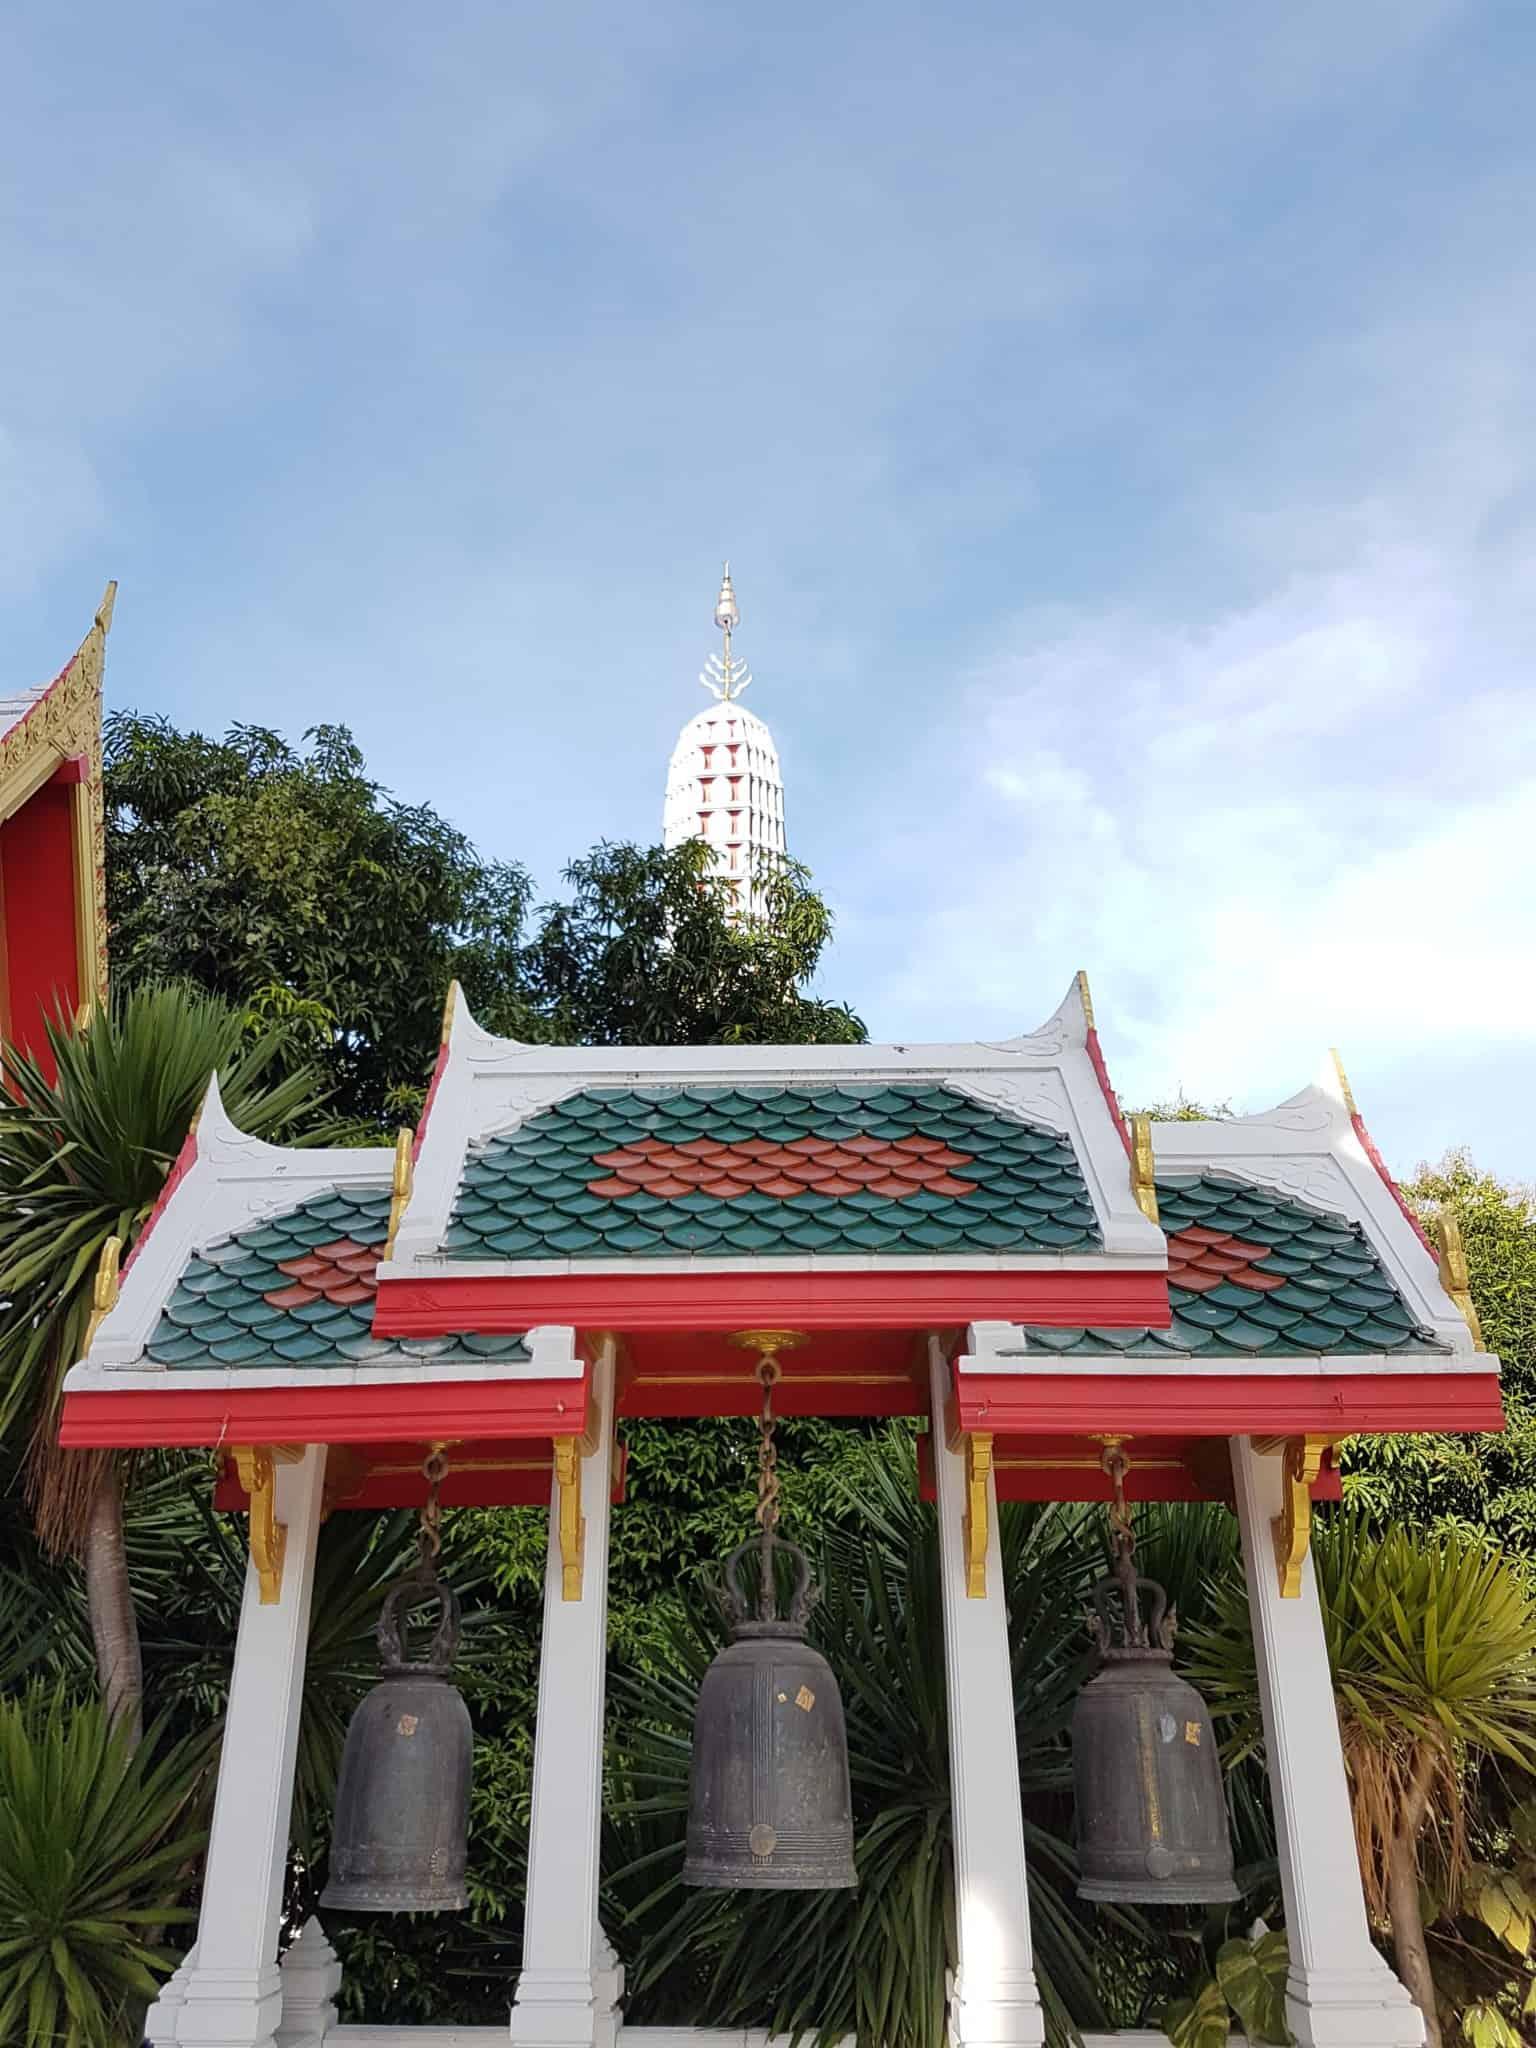 Thaïlande, marché aux fleurs et quartier Chinois de Bangkok 🎎 11